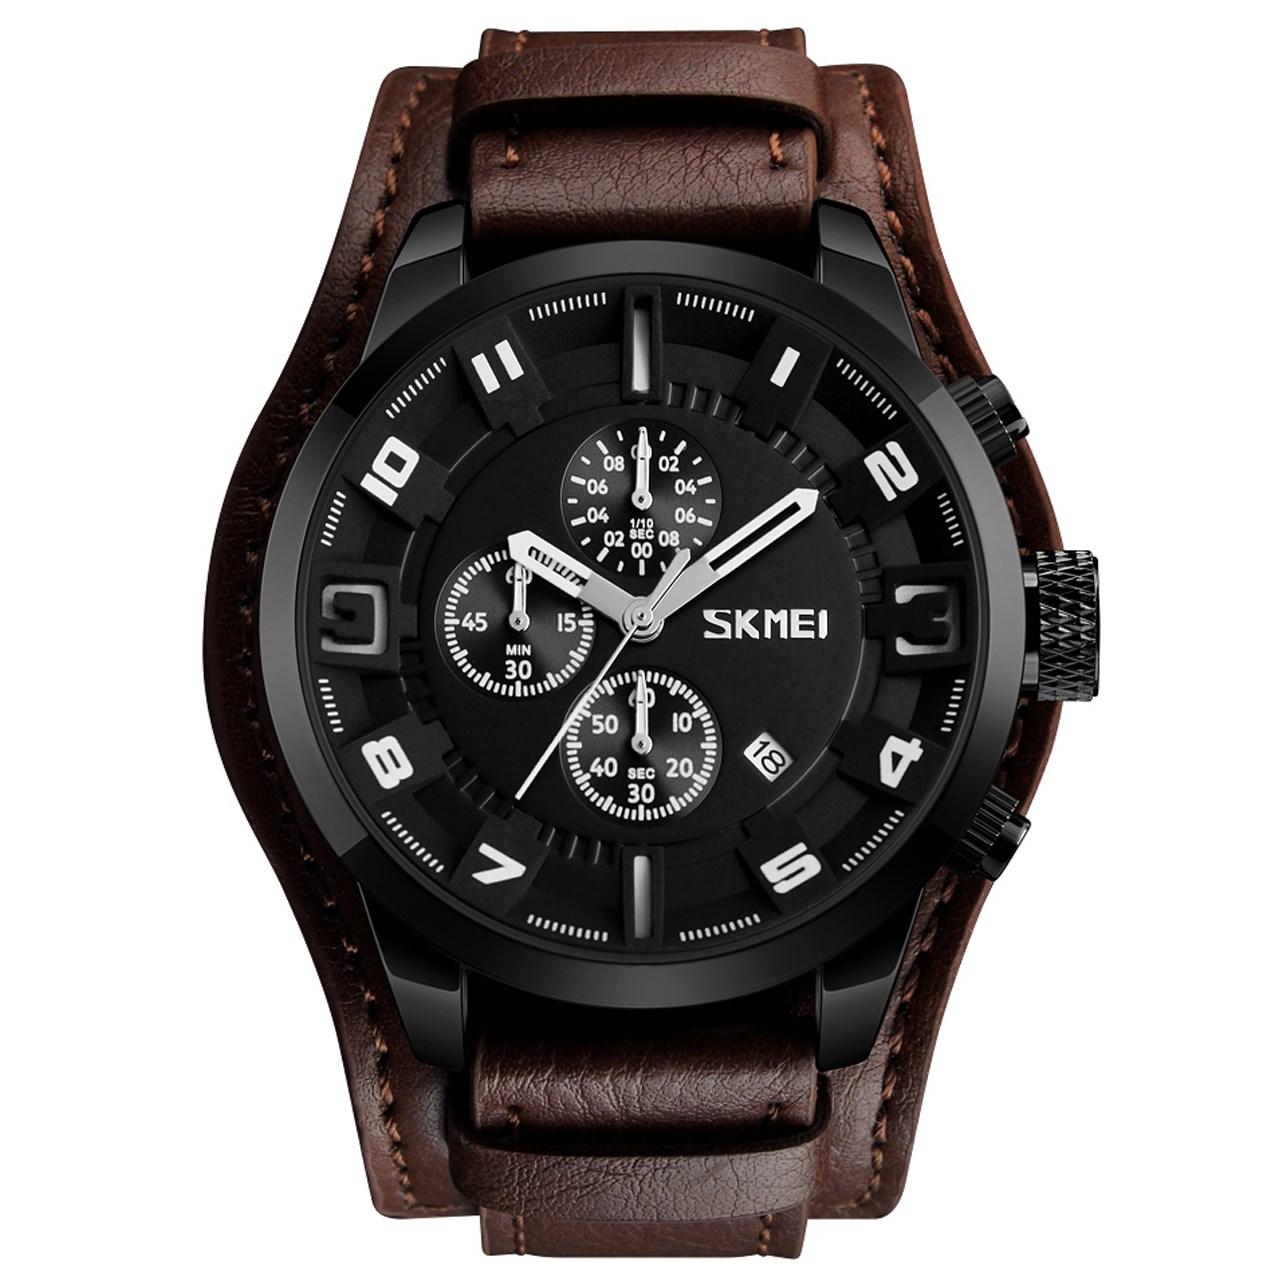 ساعت مچی عقربه ای مردانه اسکمی مدل 9165 کد 01